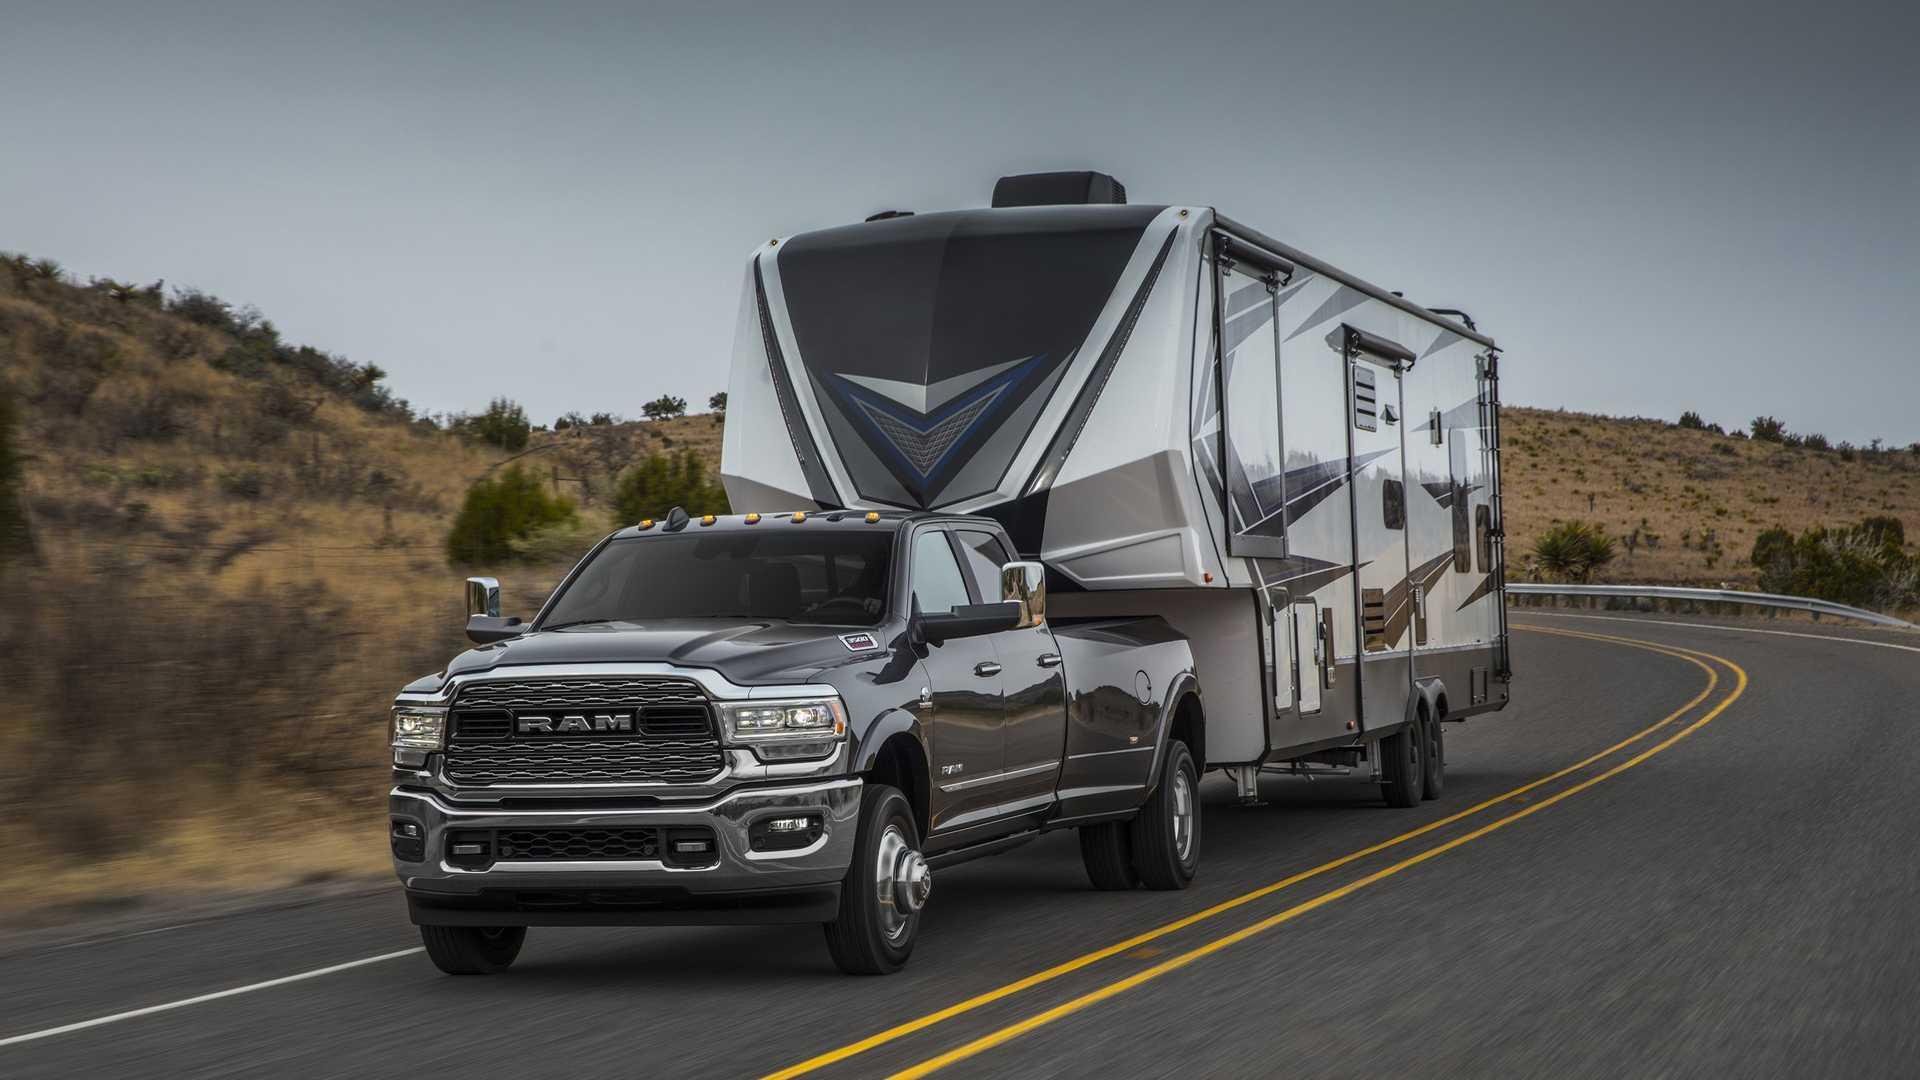 2019-ram-heavy-duty-exterior (58)